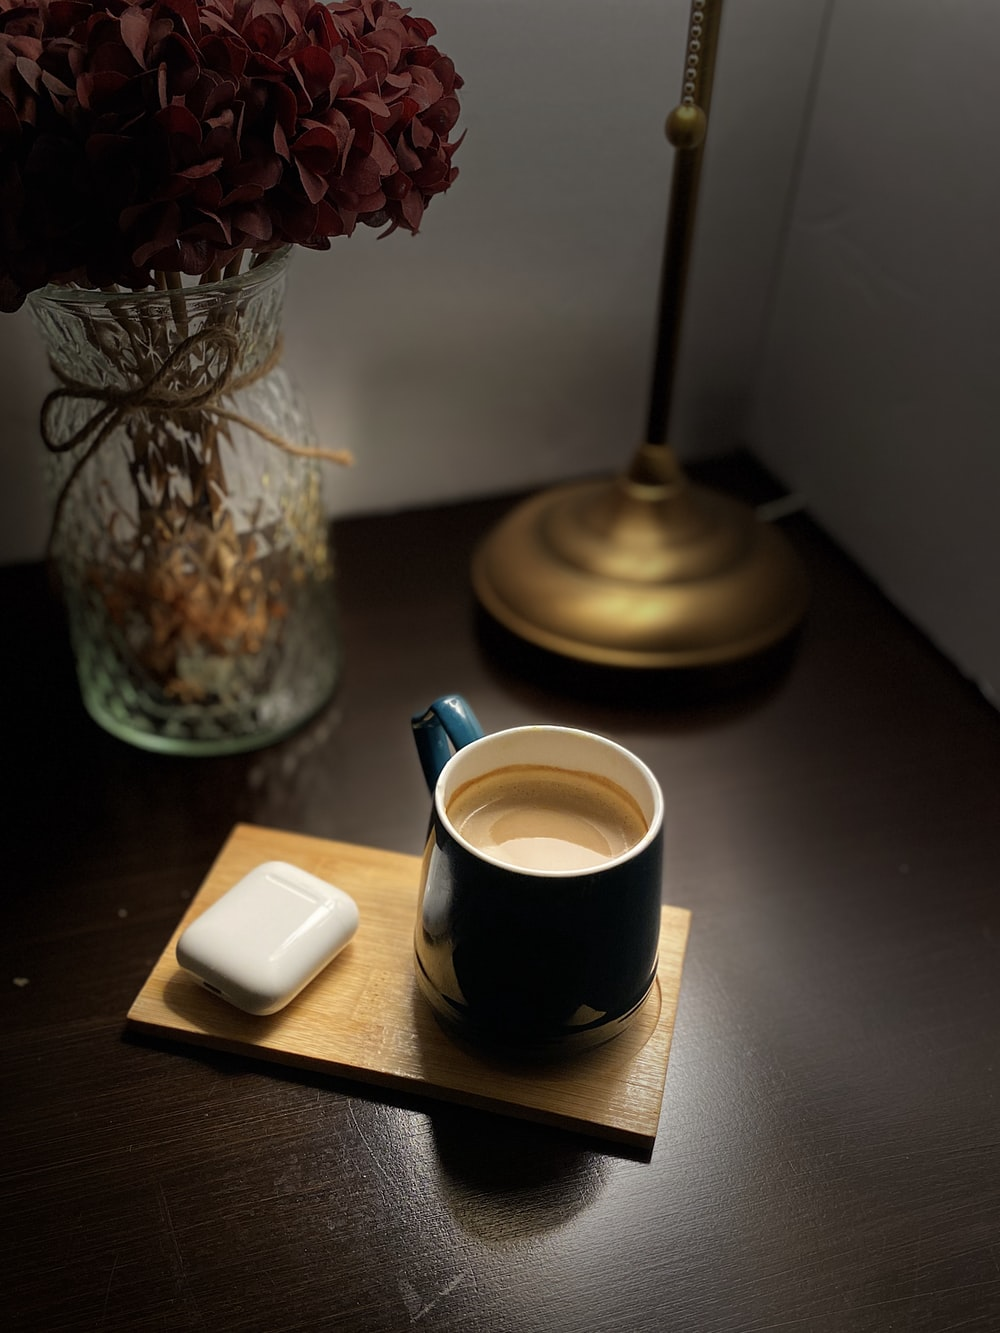 white ceramic mug on black saucer beside red flowers